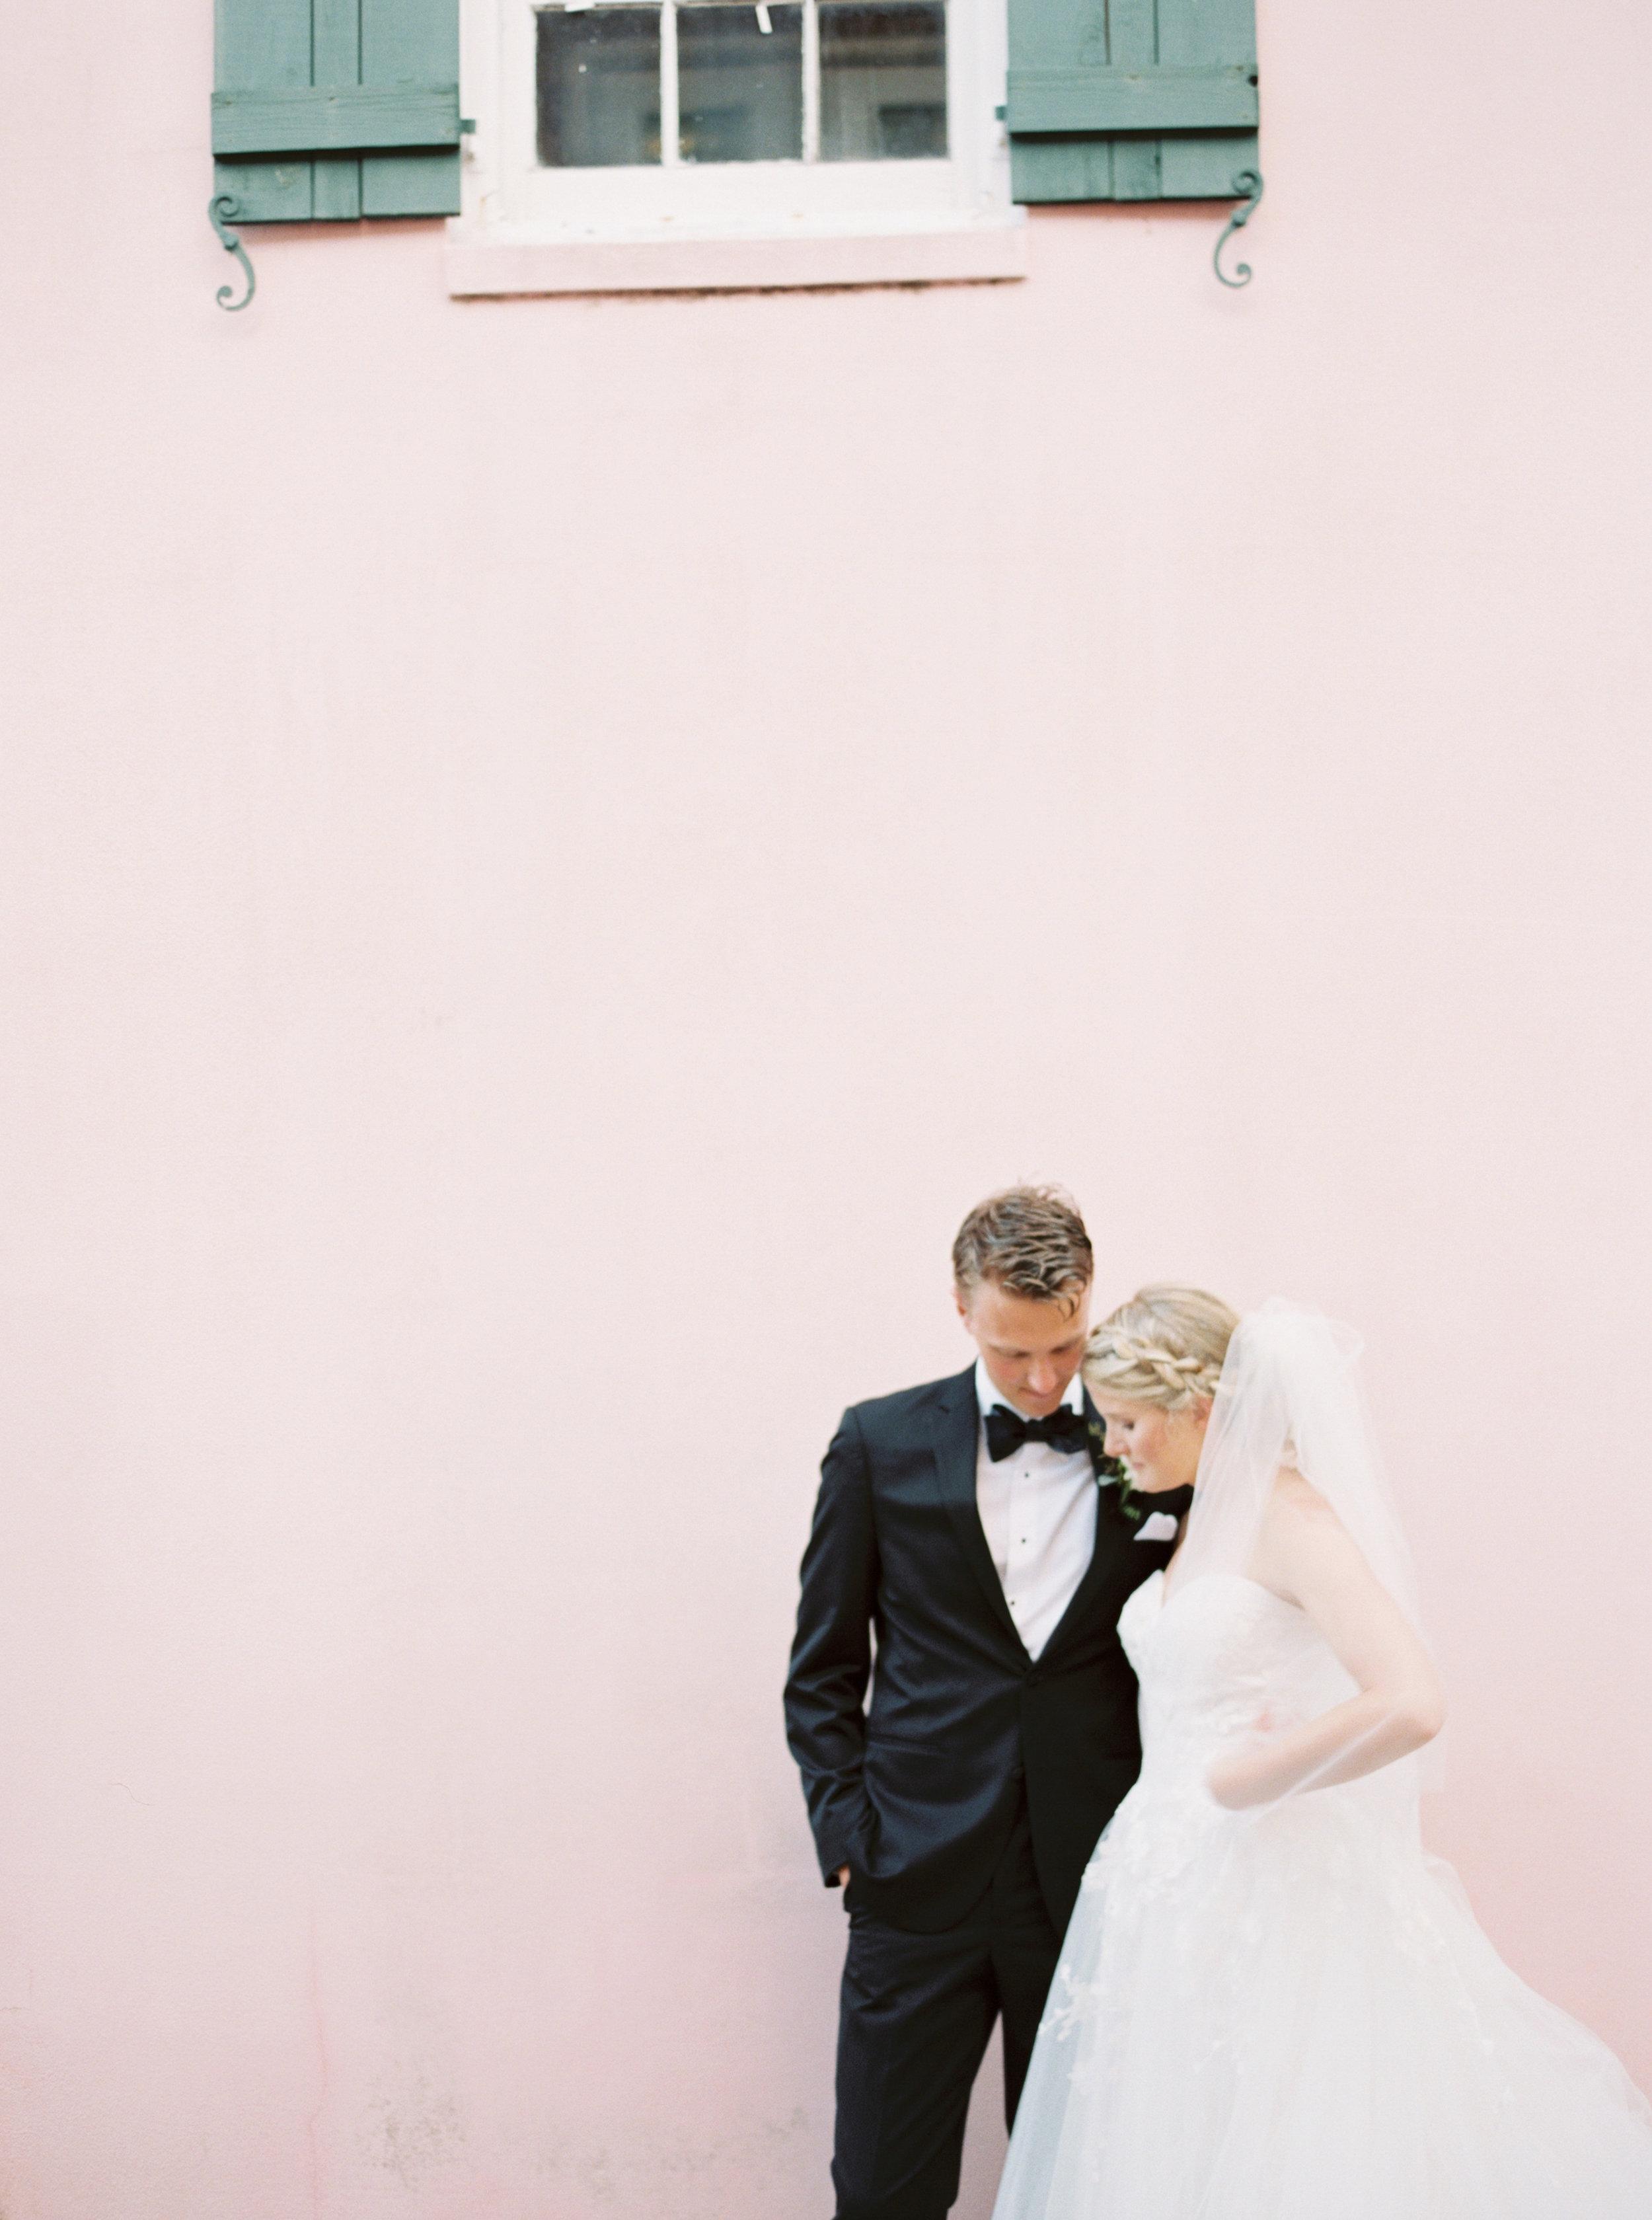 Emily&Fredrik_juliecate-429.jpg